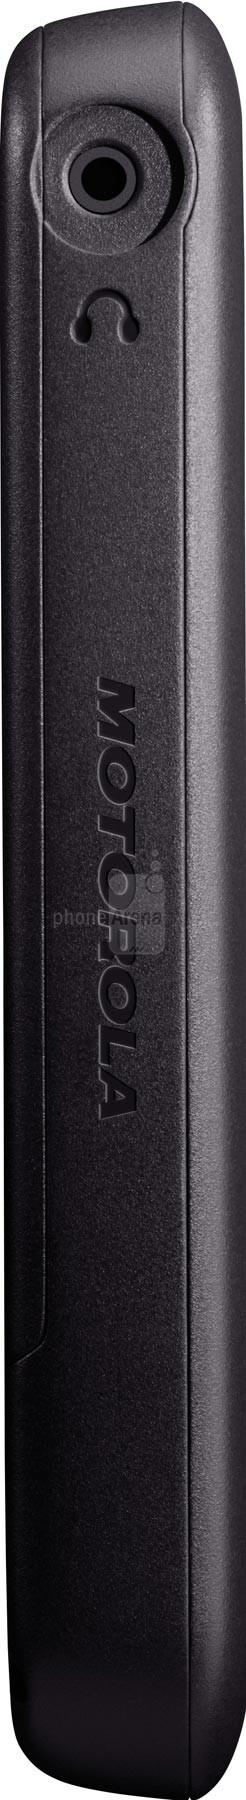 Motorola W205